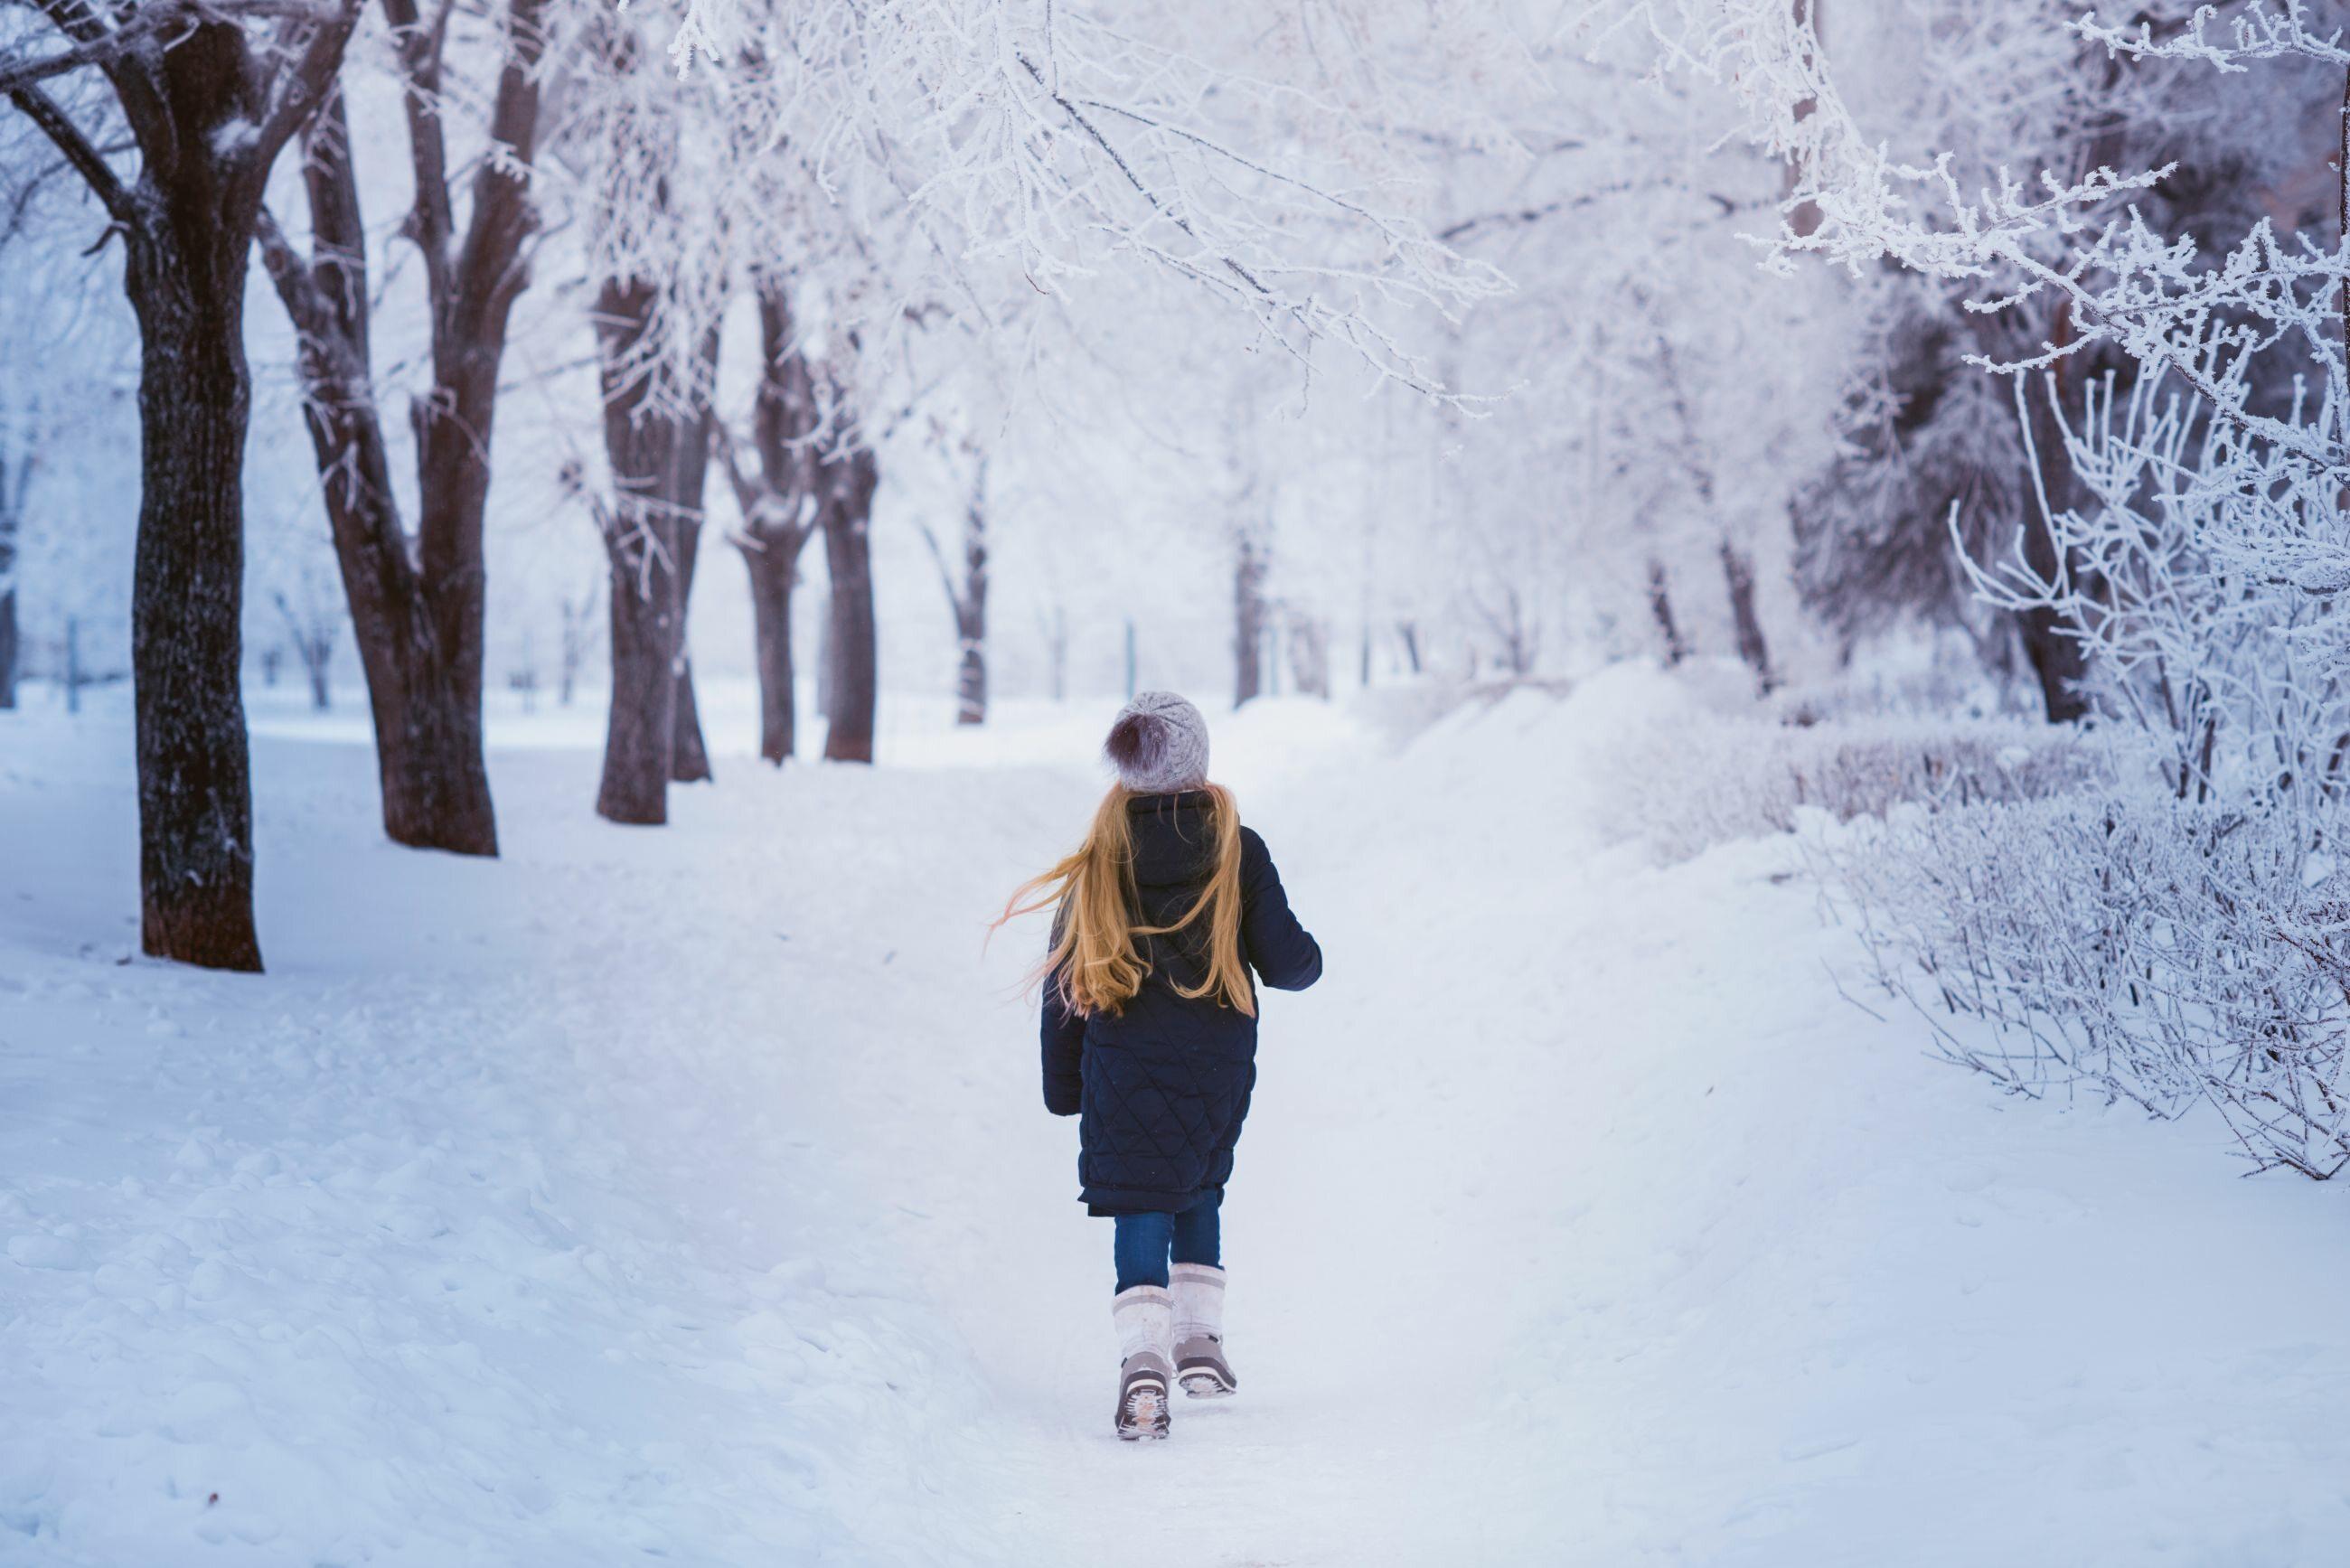 Dziewczynka, zdjęcie ilustracyjne